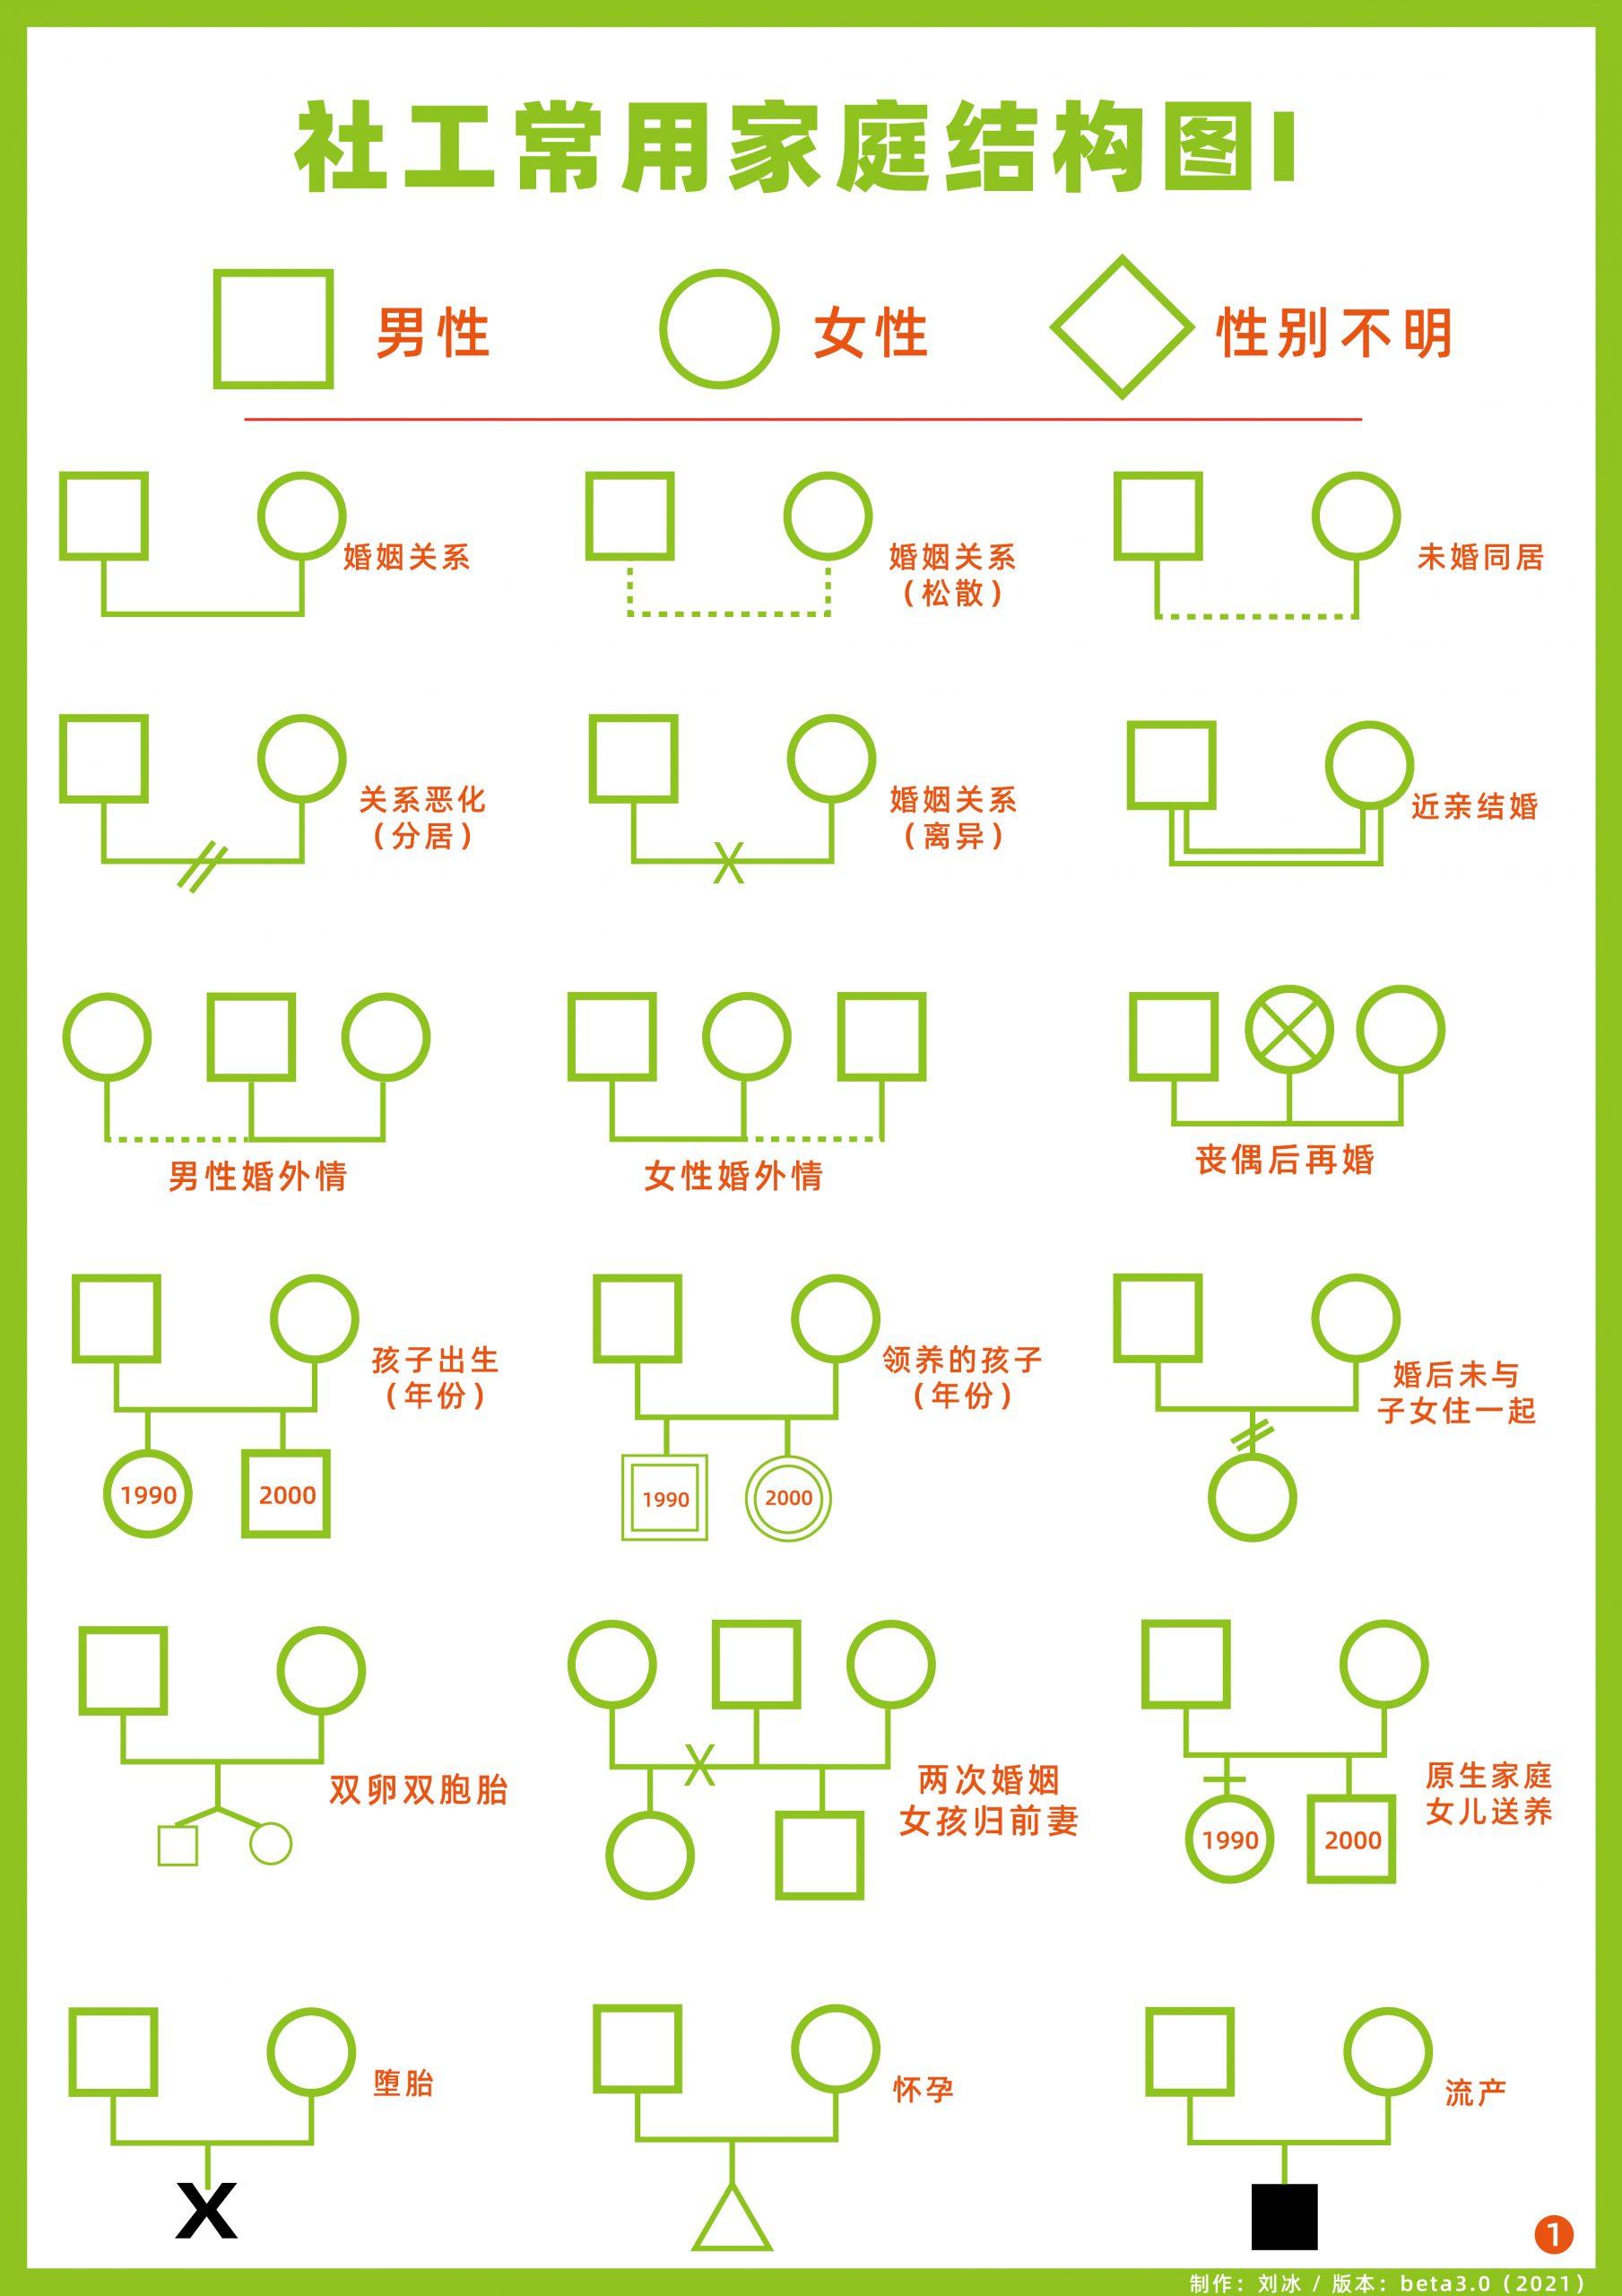 社工(社会工作)家庭结构图高清 A4分辨率